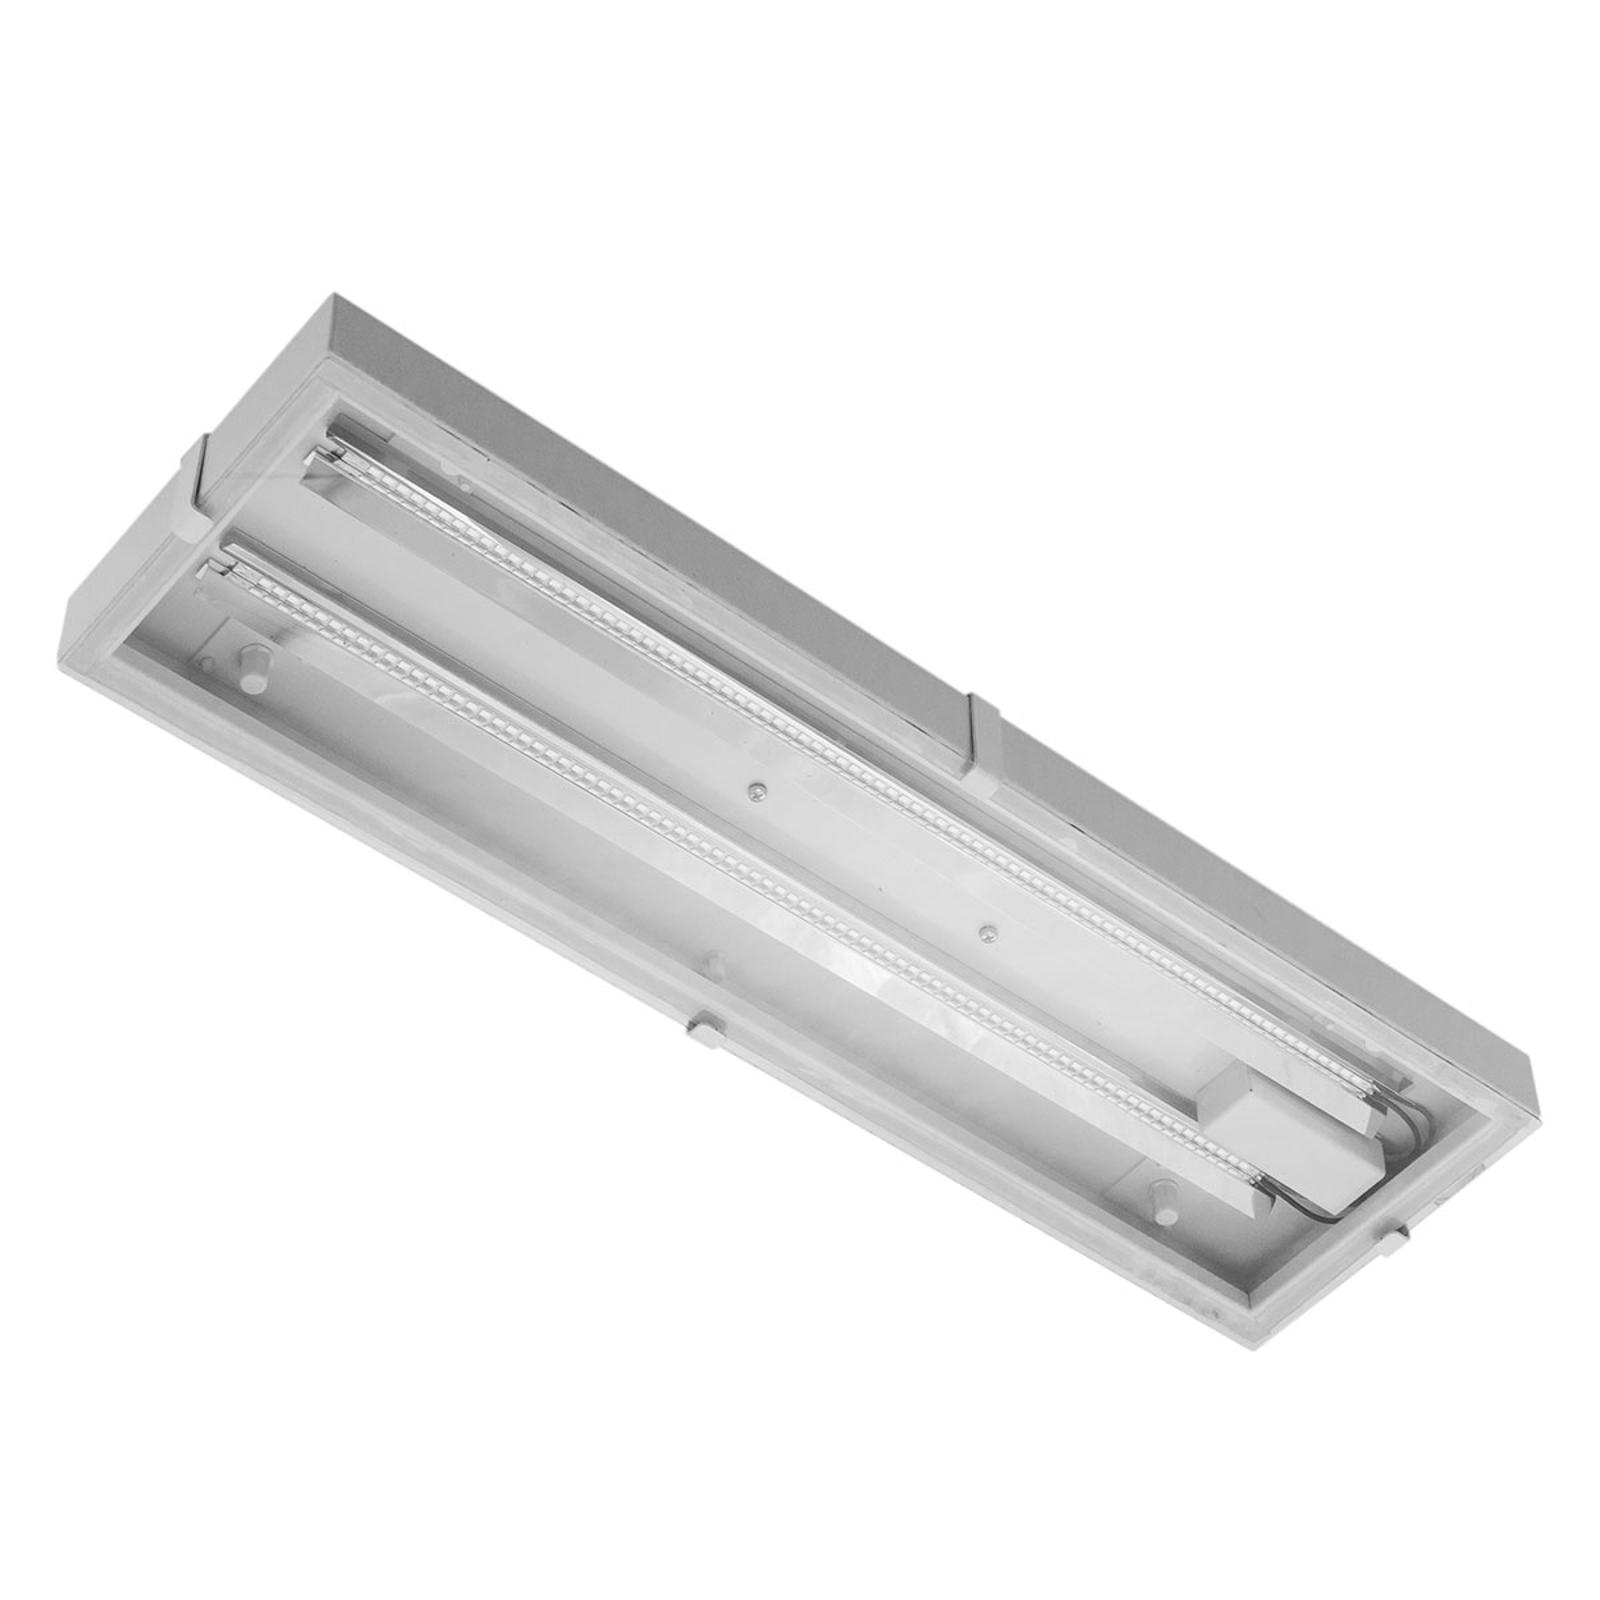 LED-Hallenleuchte Narrow Beam Glasabdeckung 56 W